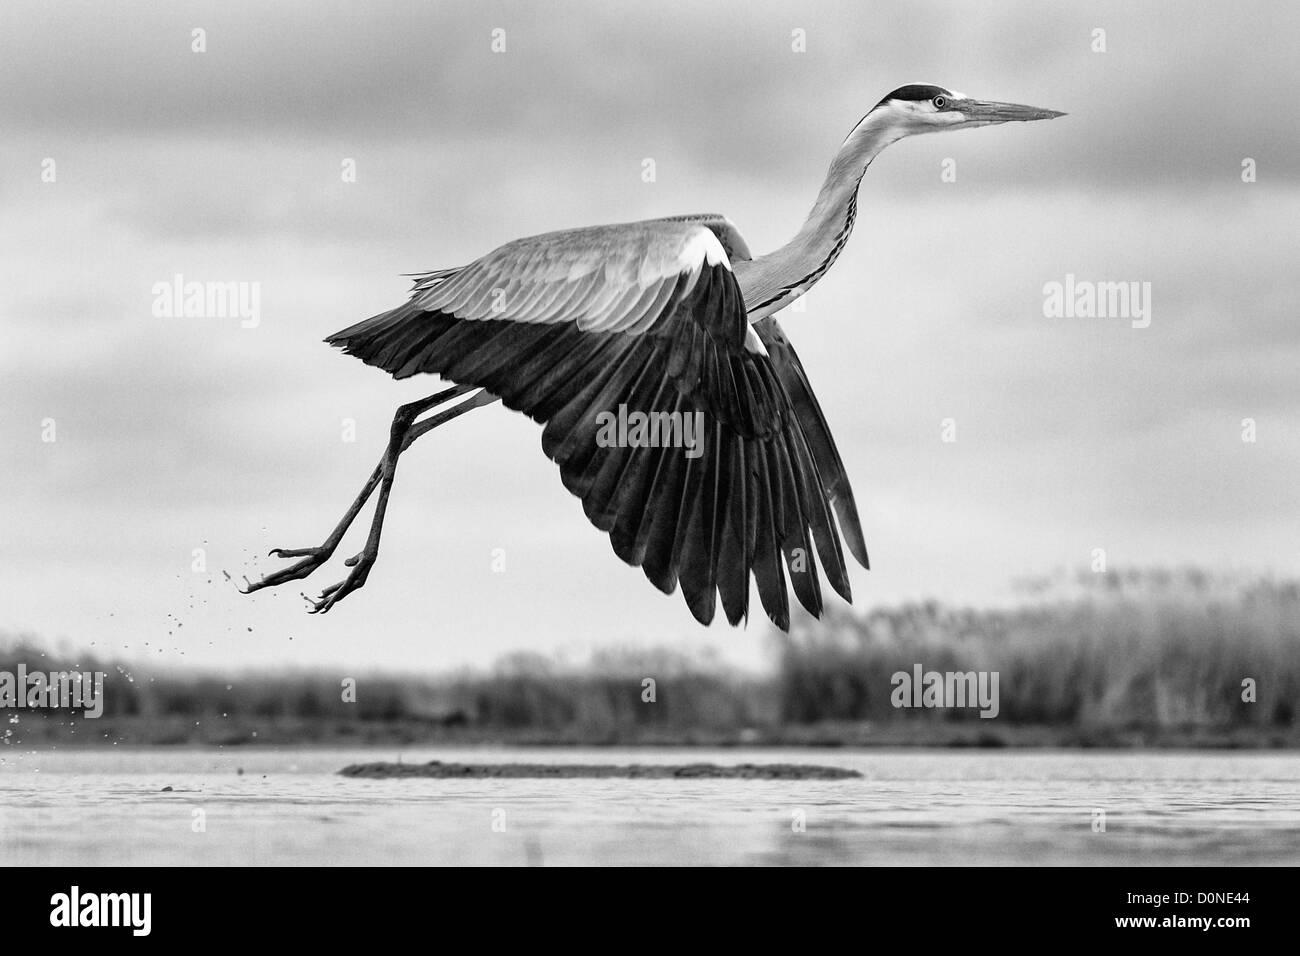 Schwarz / weiß Bild eine niedrig fliegende Graureiher seitlich über einen See Stockbild